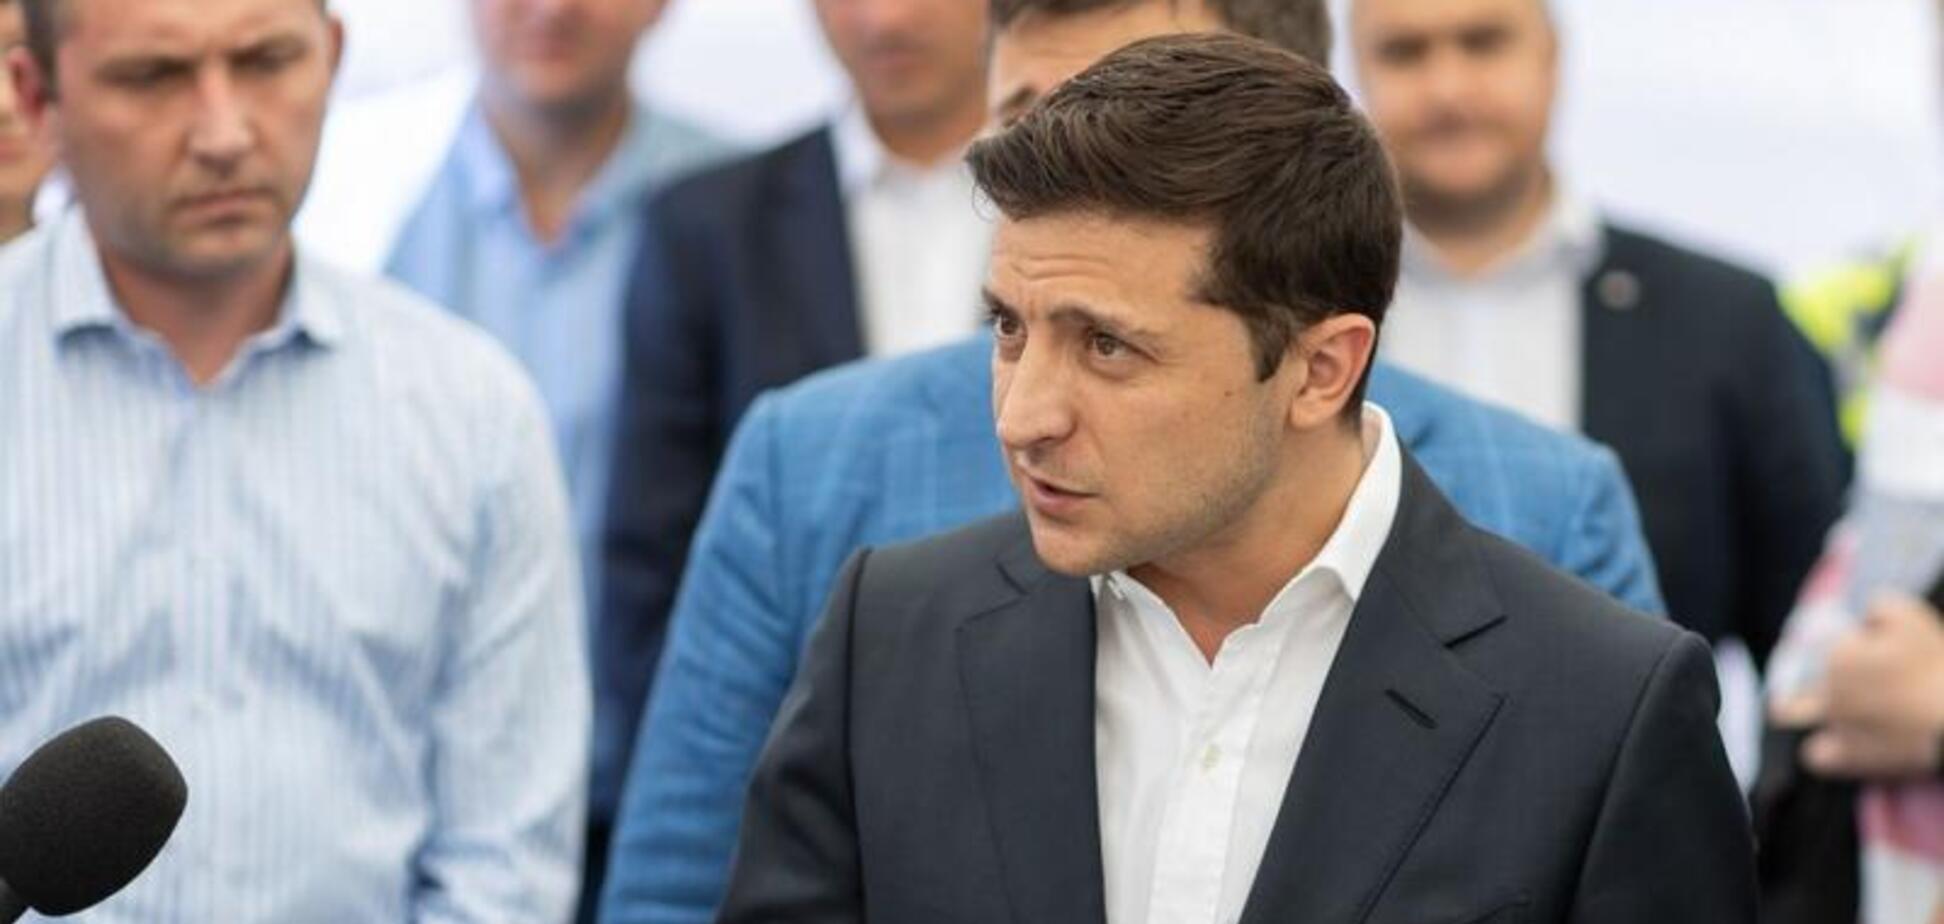 Зеленский в Южном убегал от журналистов и уверял, что не пытается посадить Порошенко